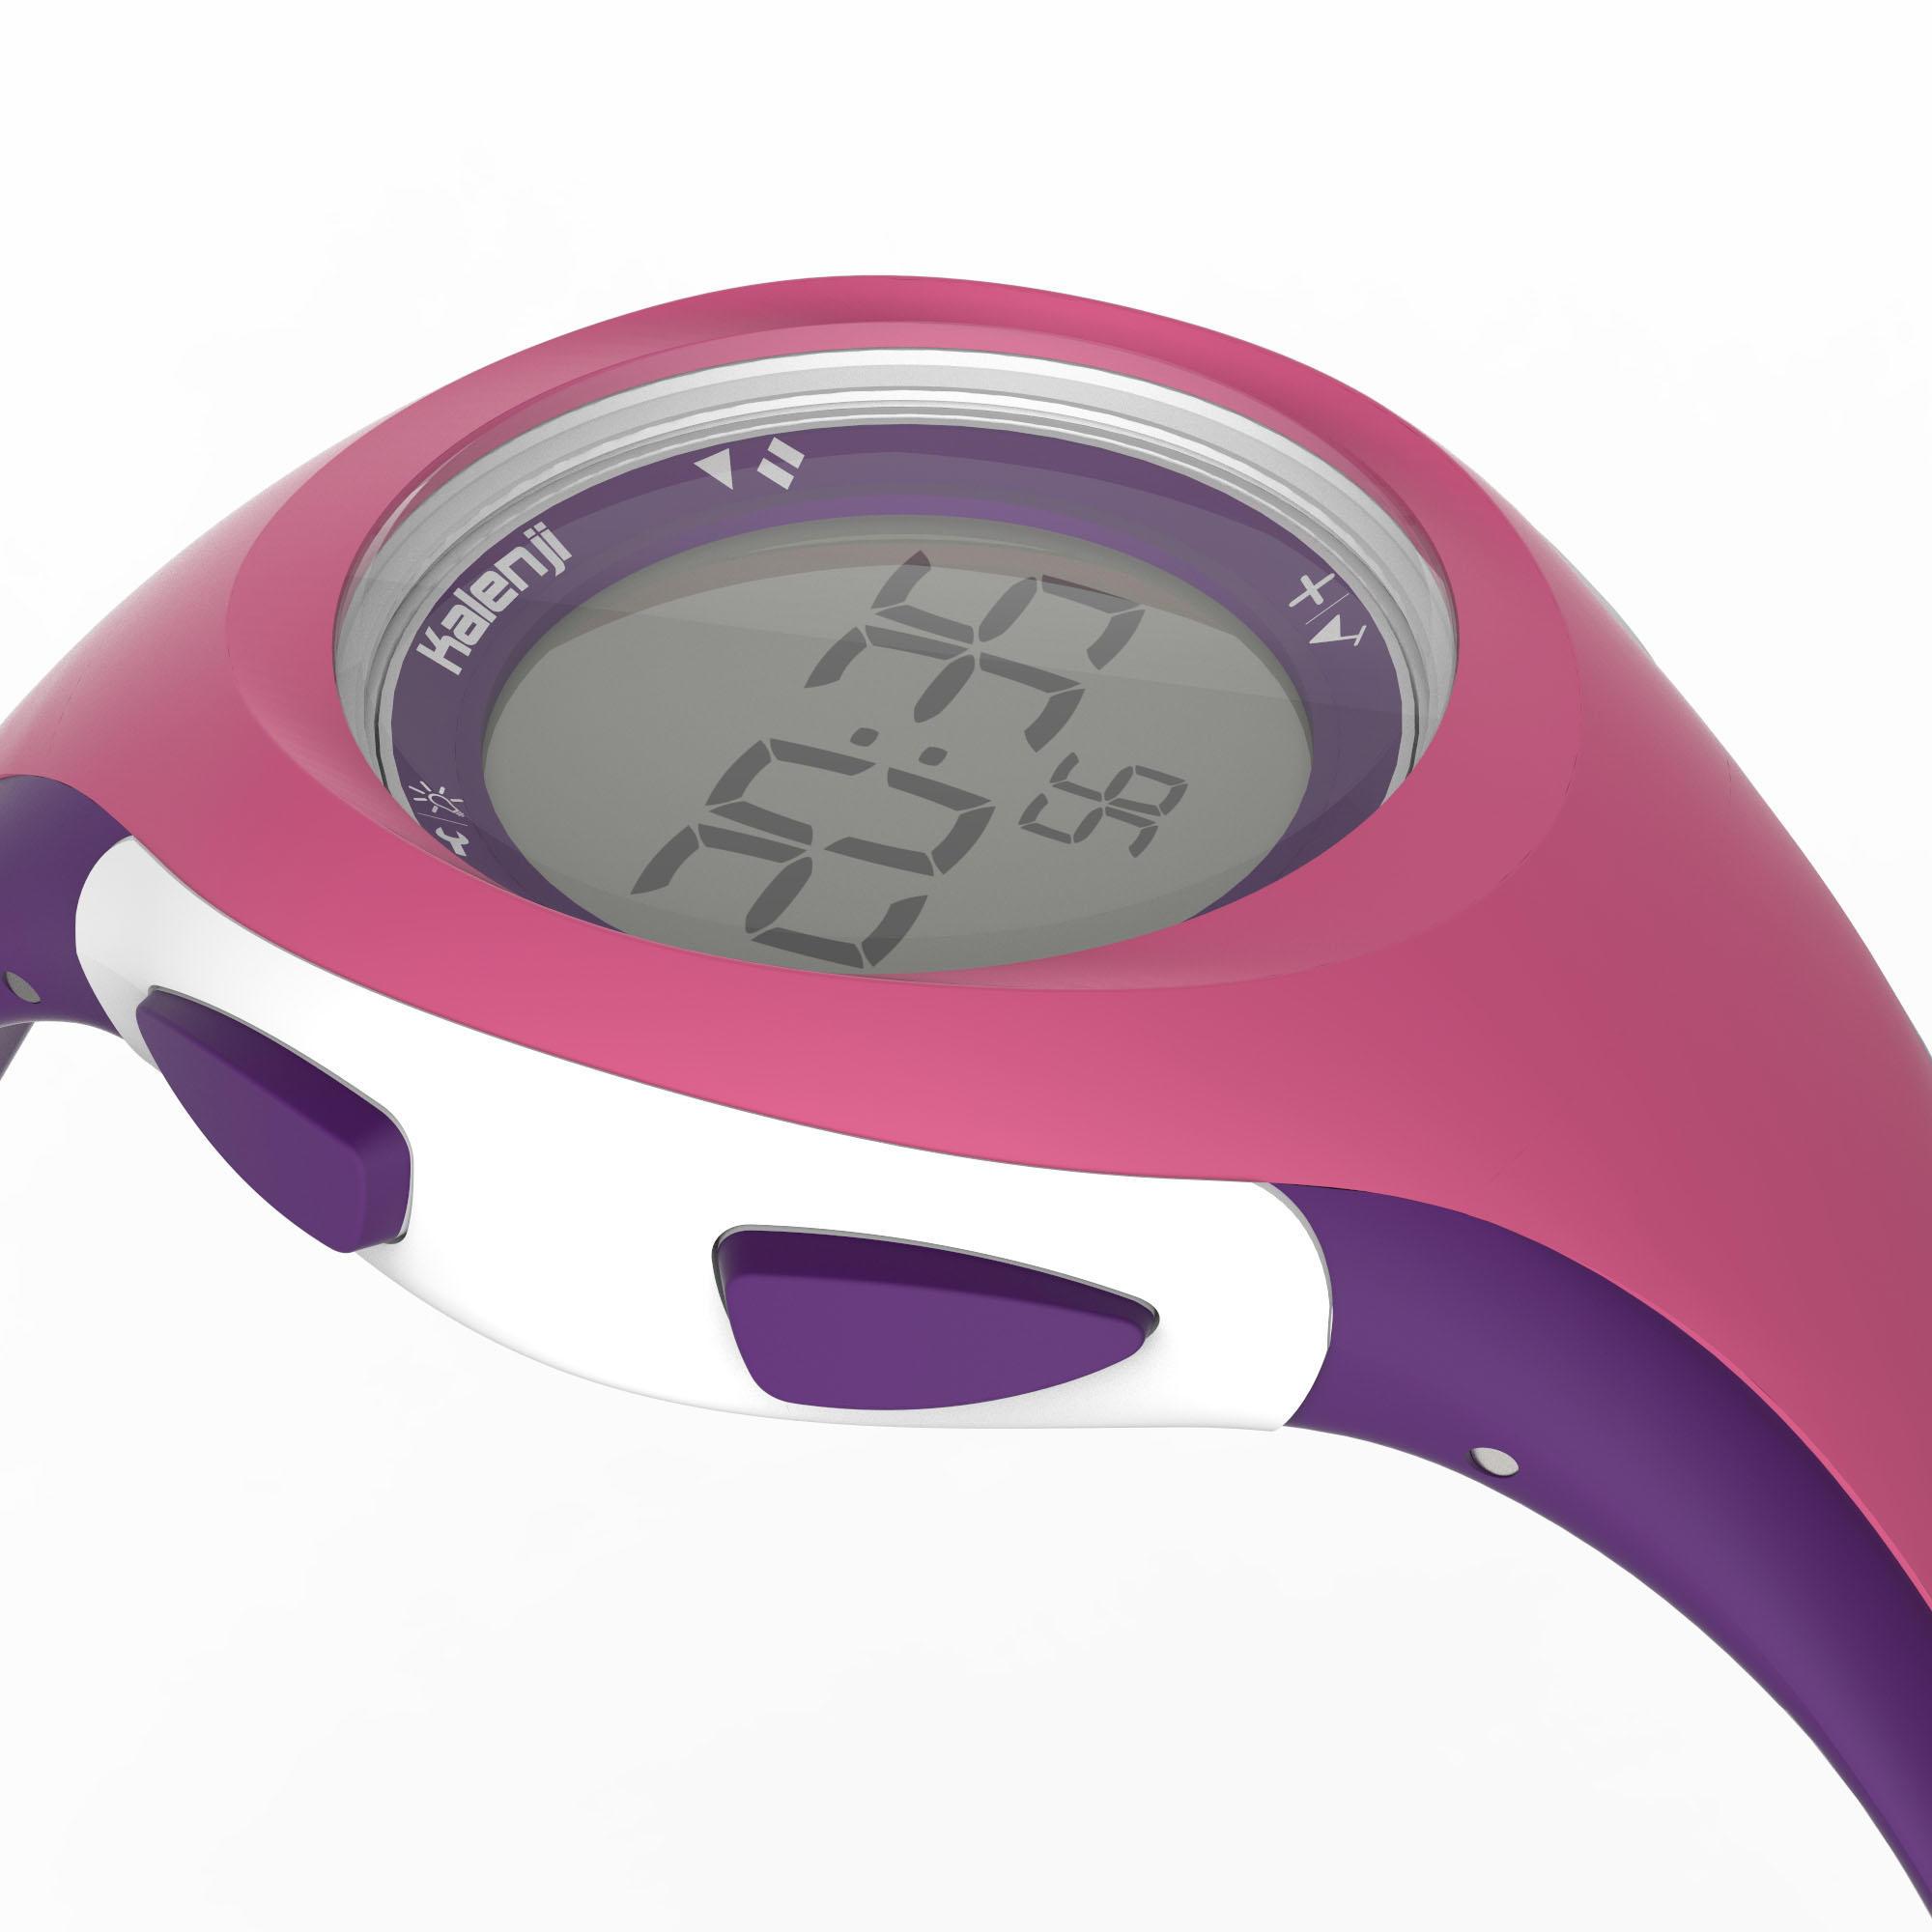 17fc5c08b3cd Reloj sport dama y junior W200 S temporizador rosa y morado ...